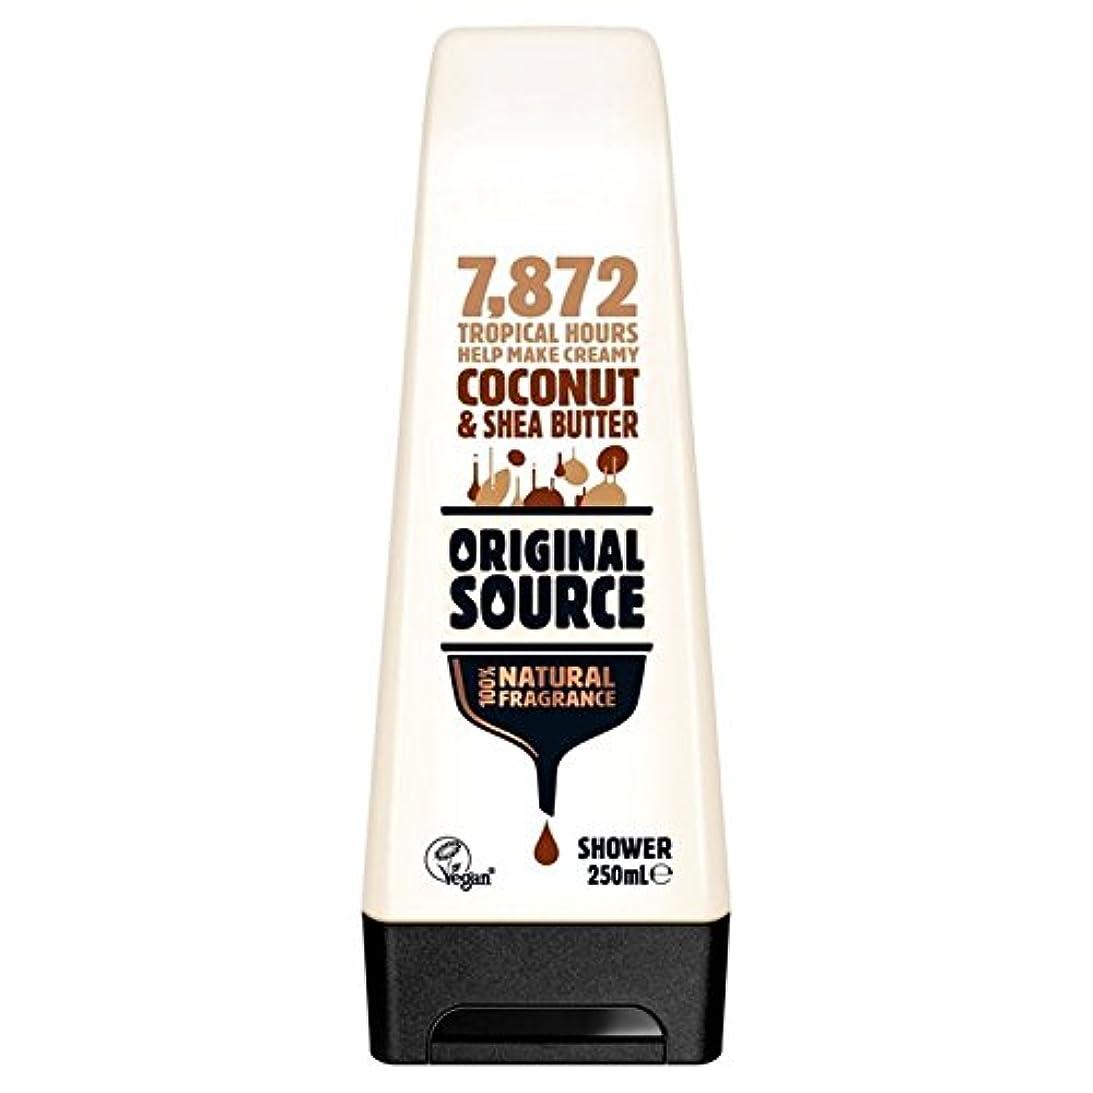 コミット悩み露骨なOriginal Source Moisturising Coconut & Shea Butter Shower Gel 250ml - 元のソース保湿ココナッツ&シアバターシャワージェル250ミリリットル [並行輸入品]